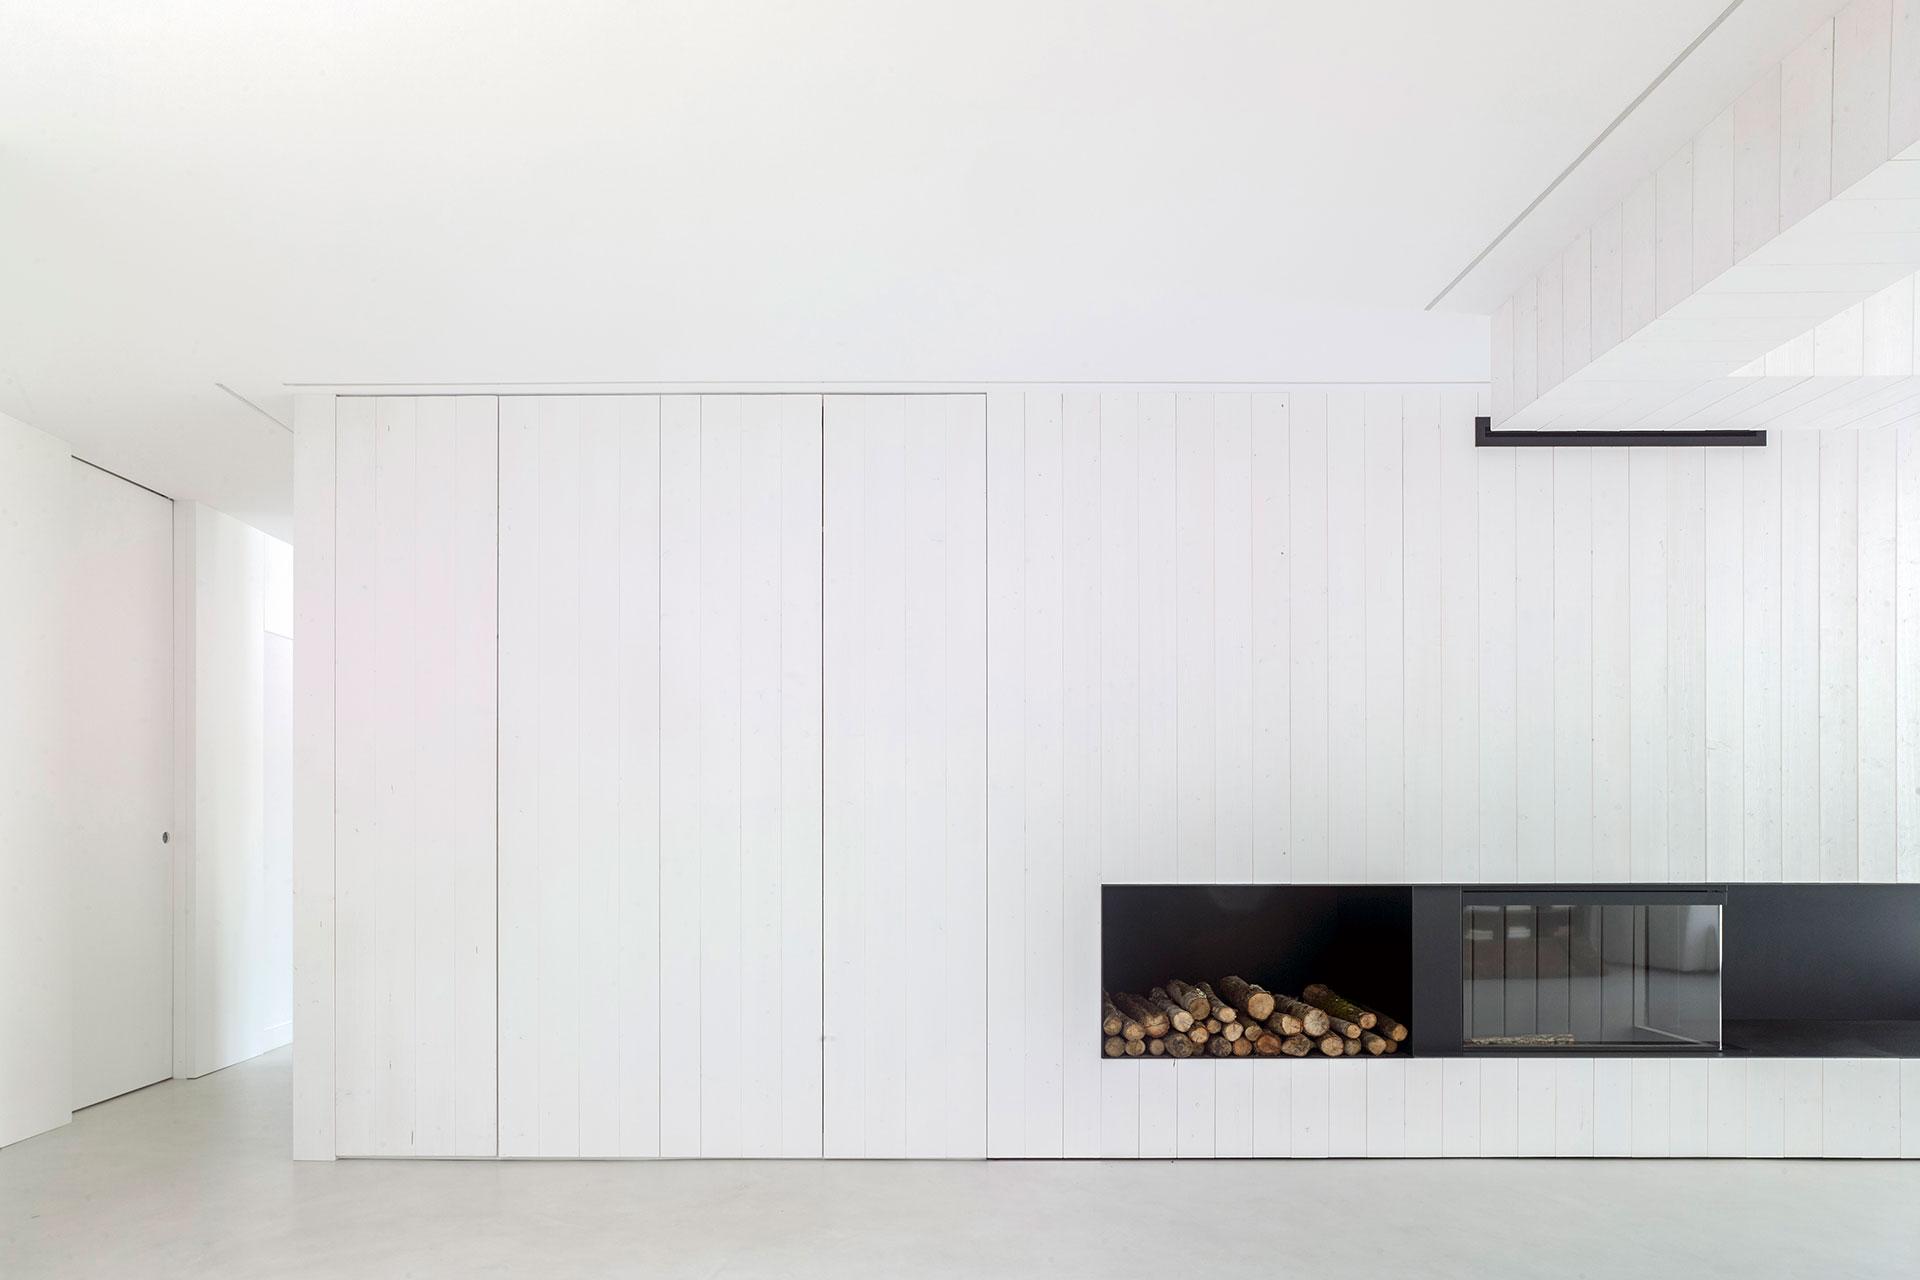 proyecto-Nanin-doesmas-arquitectos-entrevista-santiago-interiores-chimenea